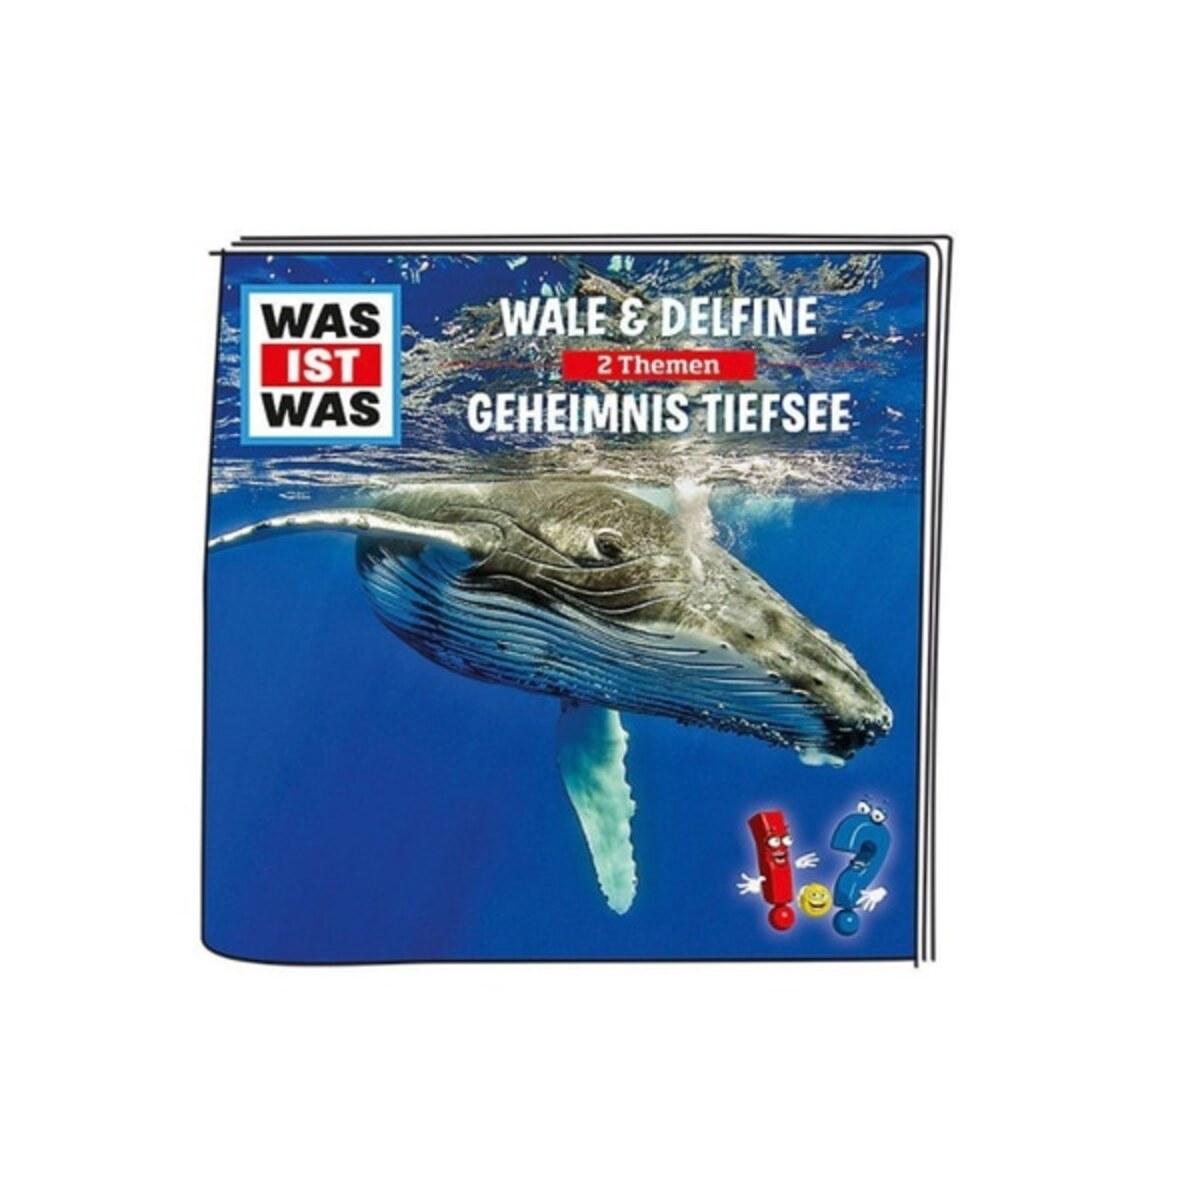 Bild 3 von Tonies Figur Was ist Was Wale & Delfine: Geheimnisse Tiefsee